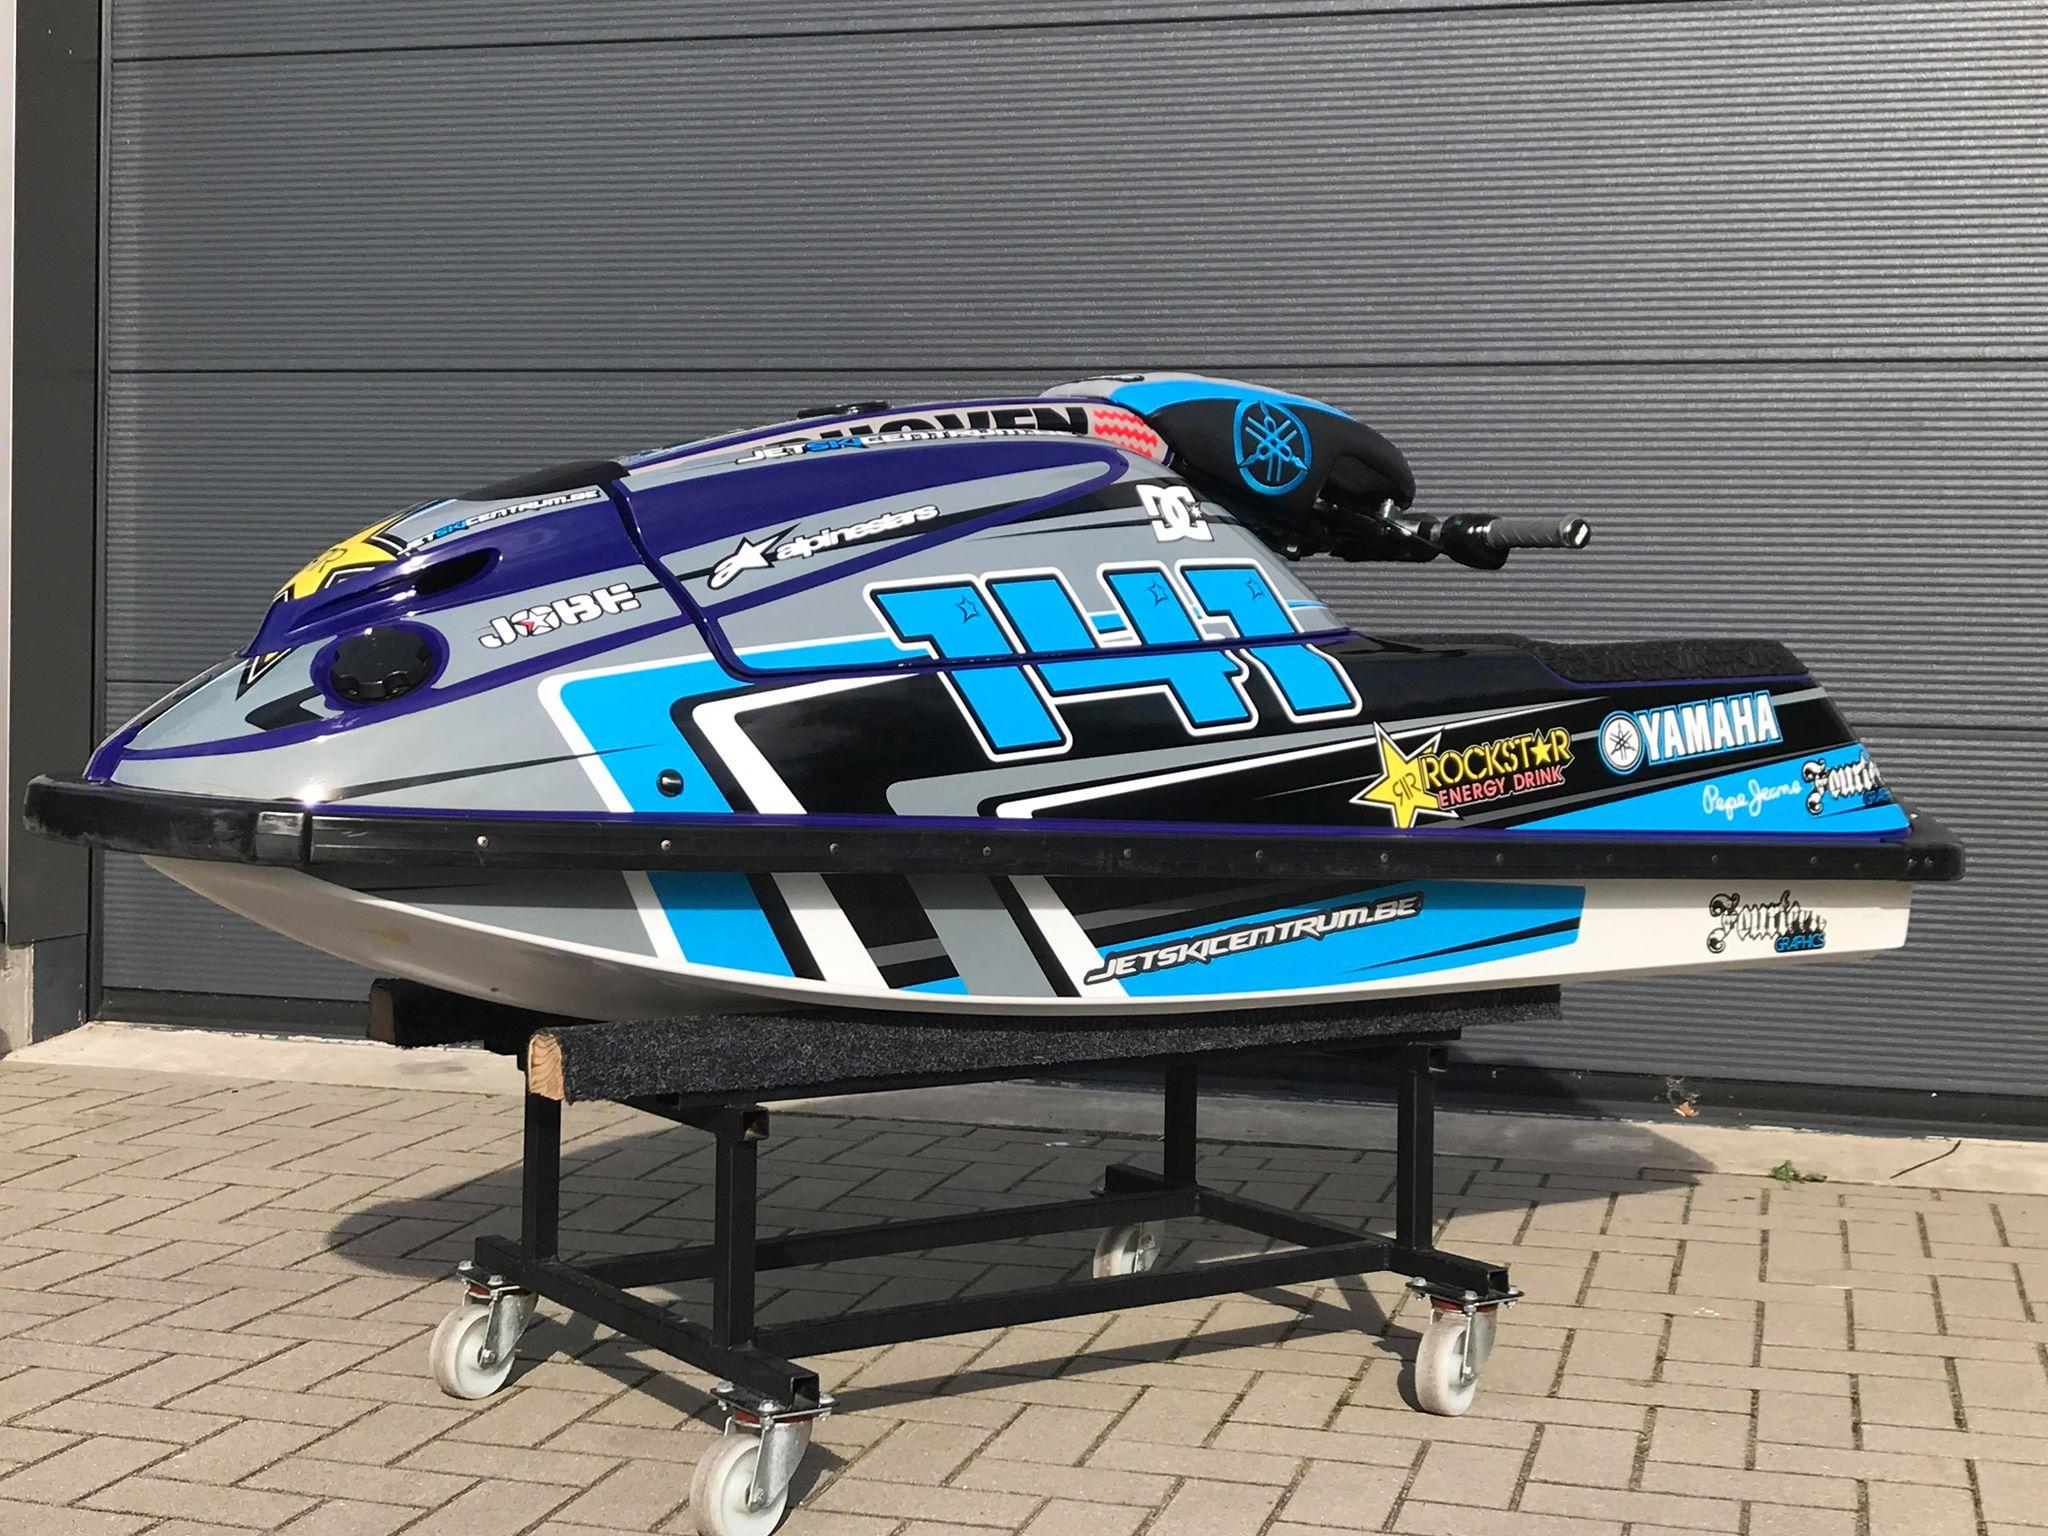 Yamaha superjet 701 Image